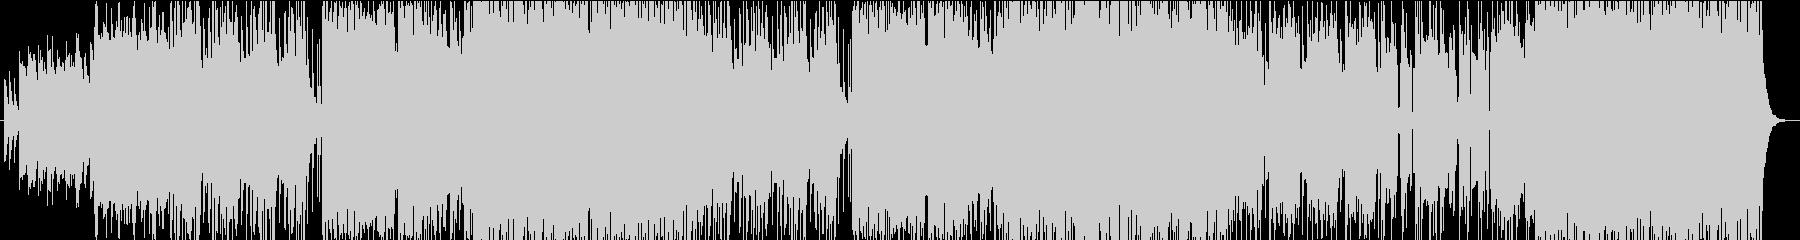 聴き応えあり/軽快で爽やかなピアノBGMの未再生の波形